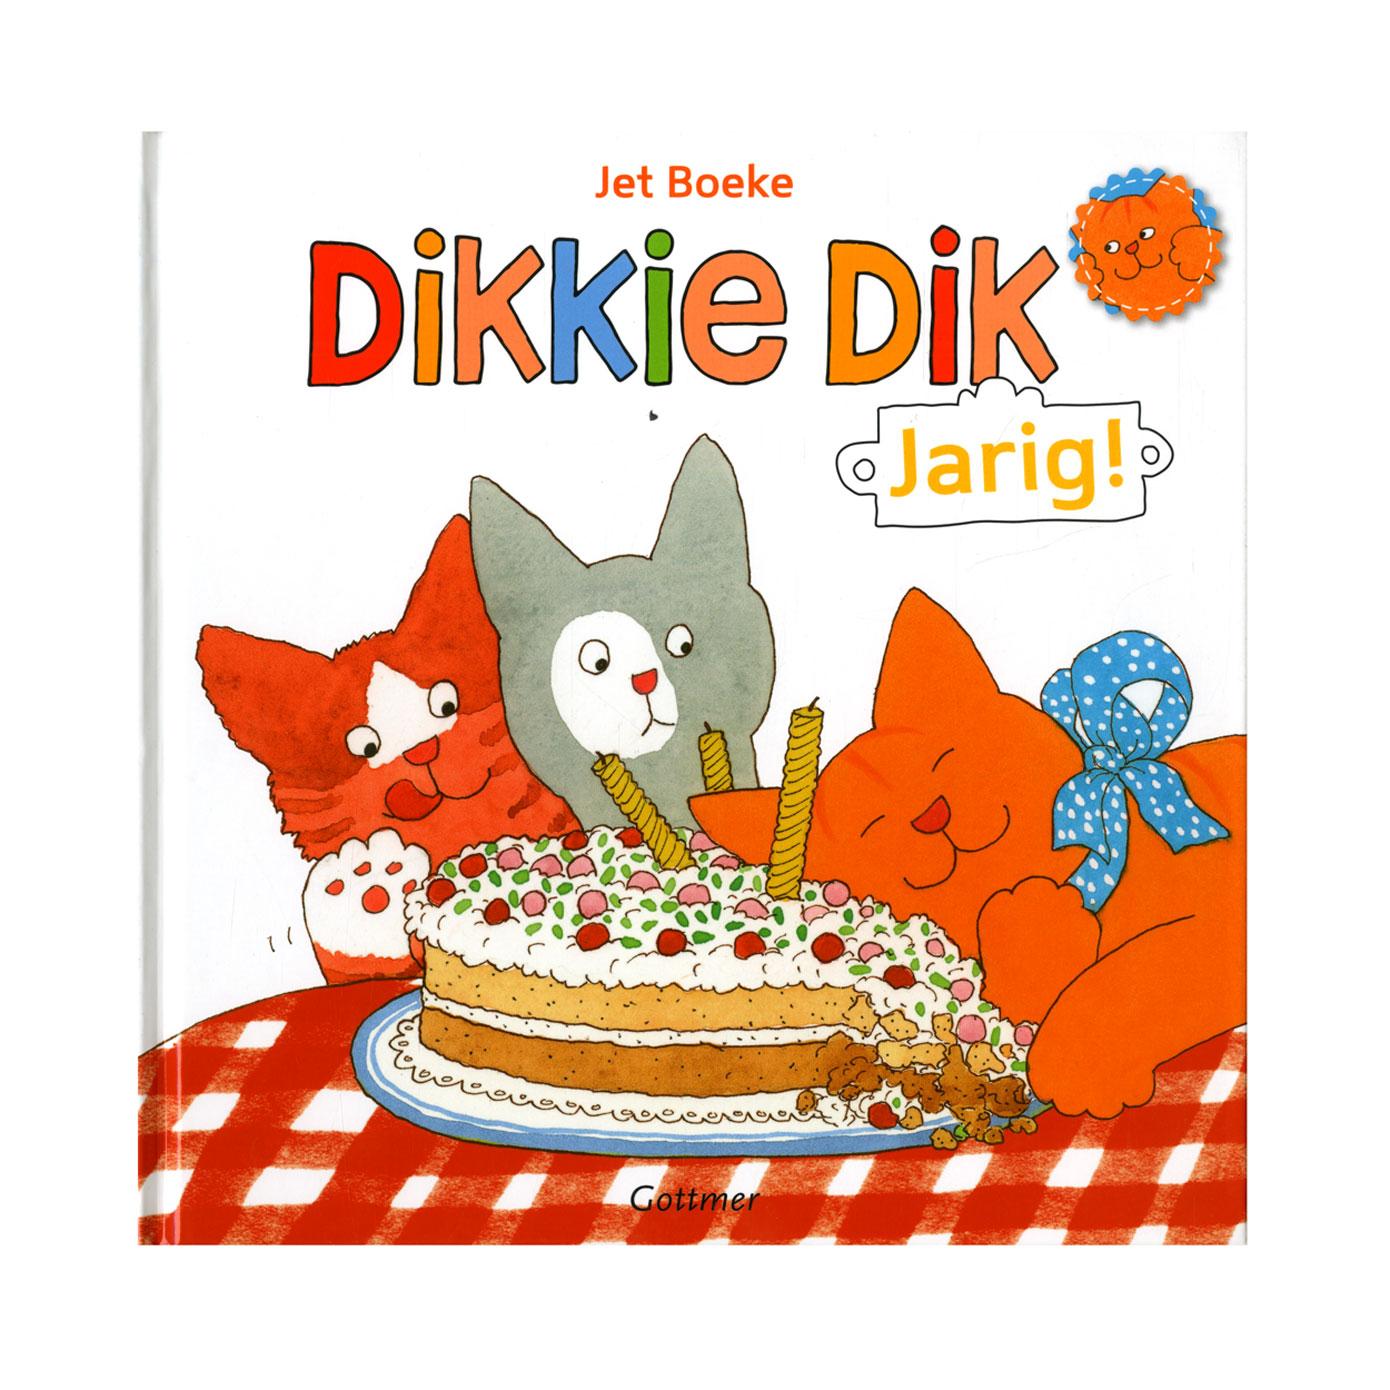 dikkie dik jarig Dikkie Dik jarig online kopen   Lobbes.nl dikkie dik jarig